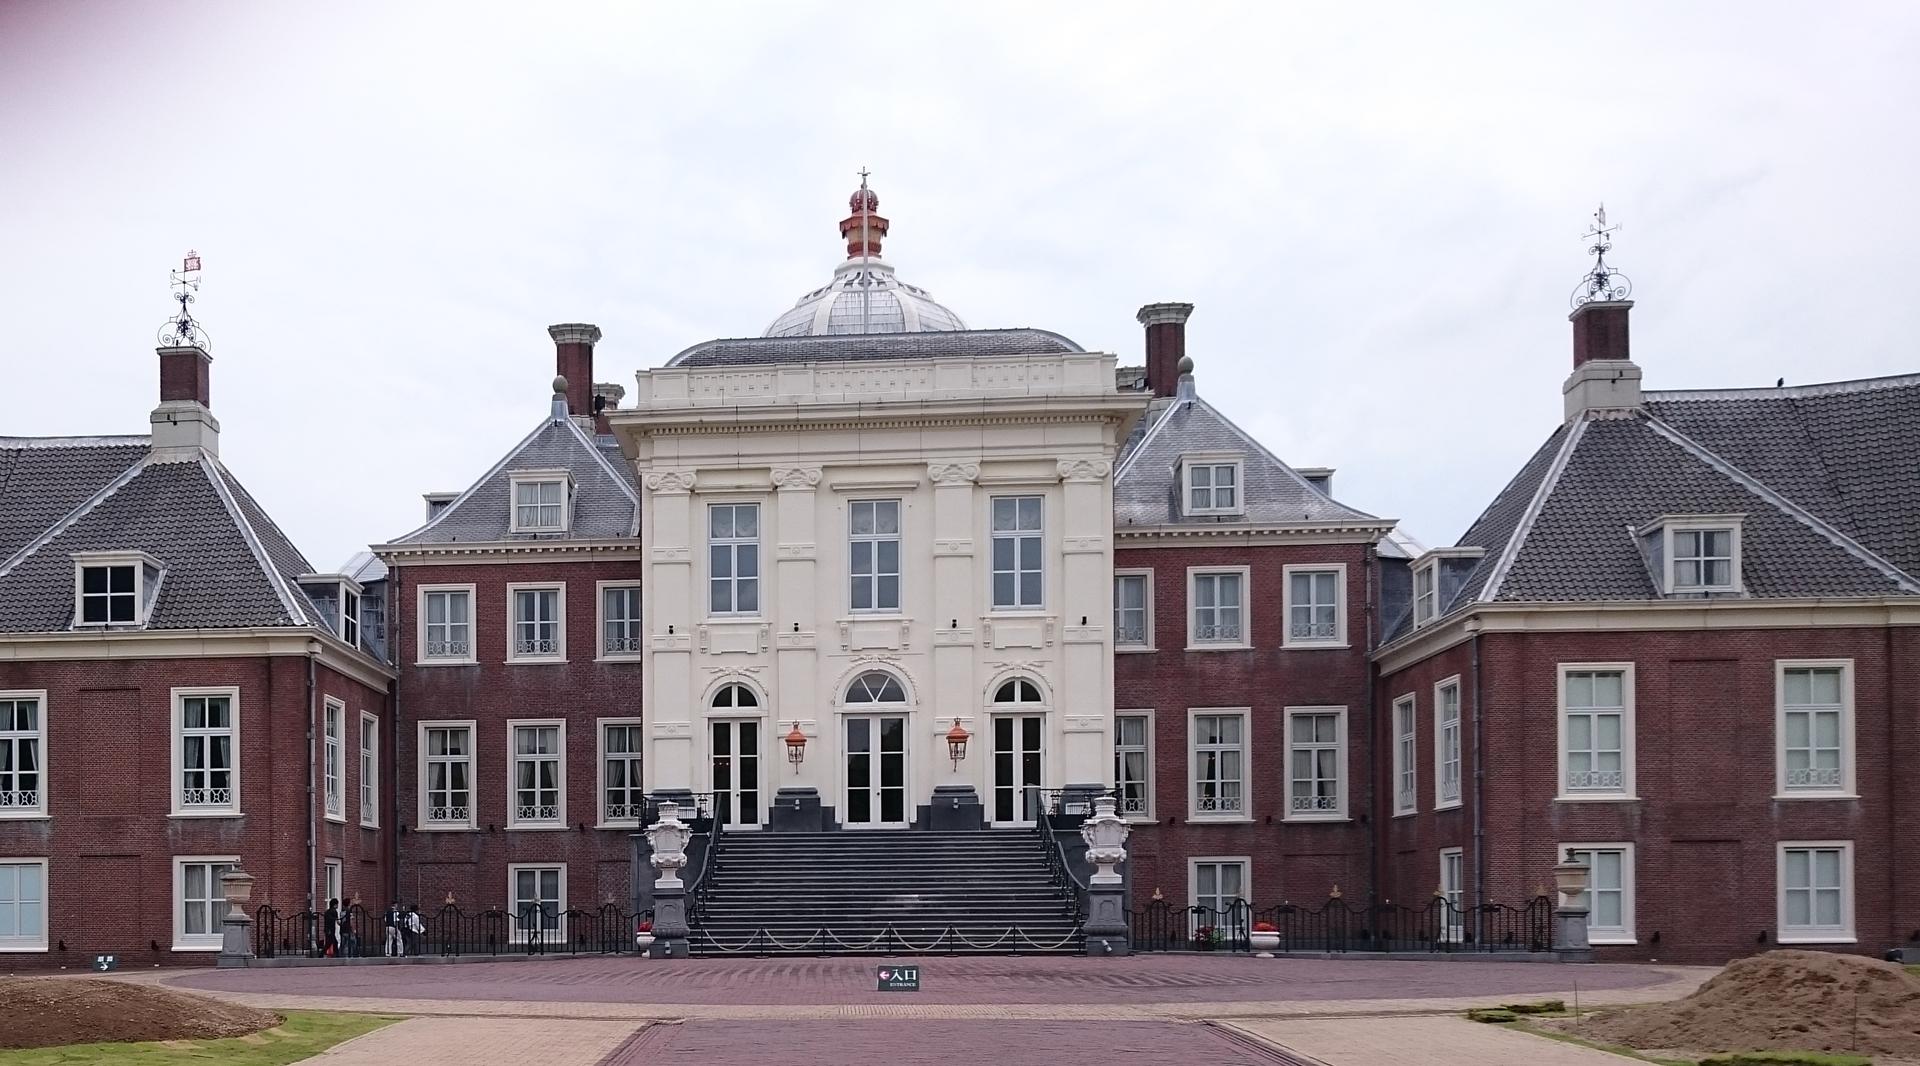 palaishuistenbosch.jpg